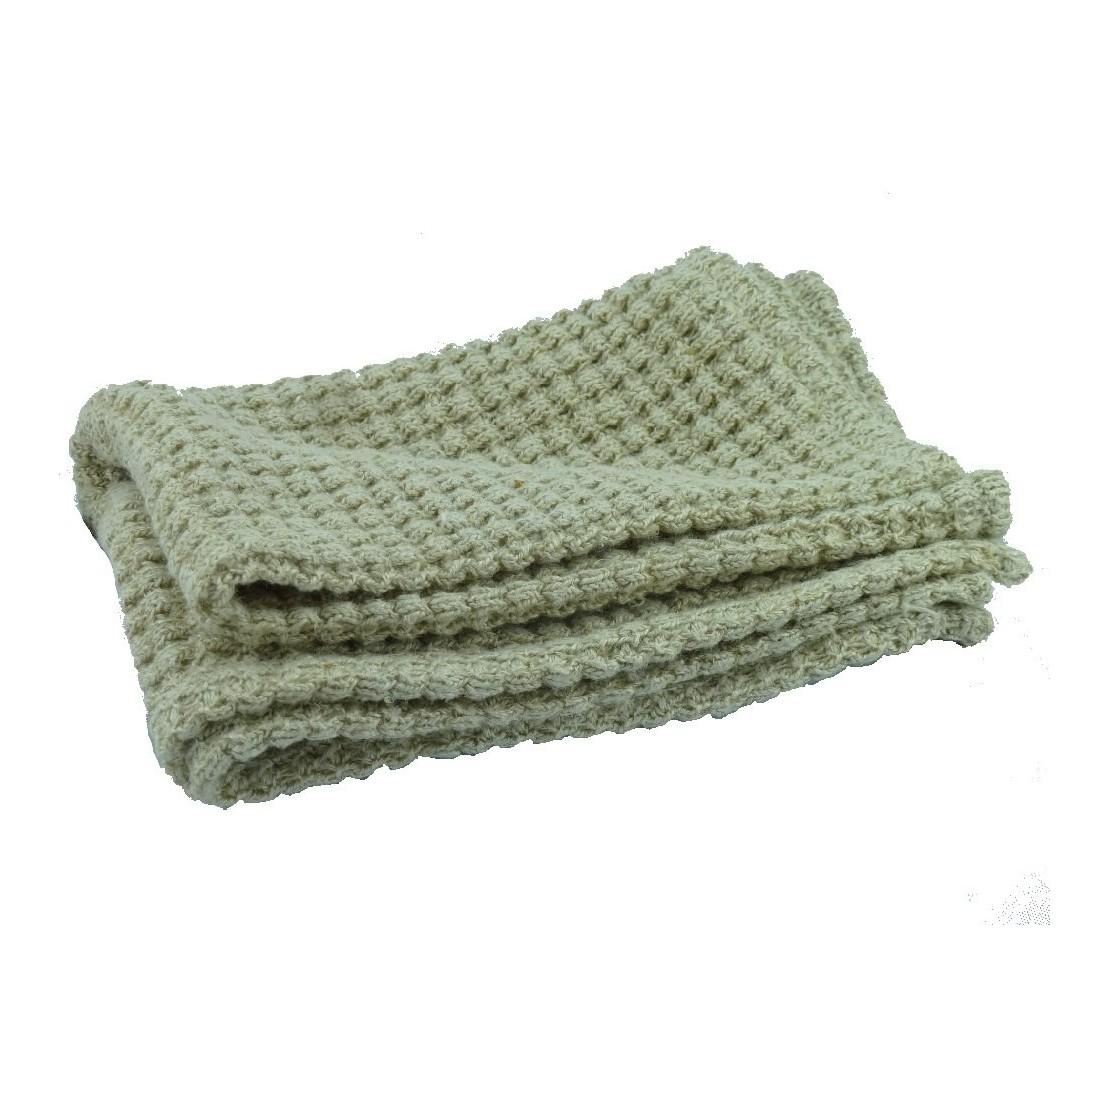 essuie main pur chanvre crochet serviette. Black Bedroom Furniture Sets. Home Design Ideas